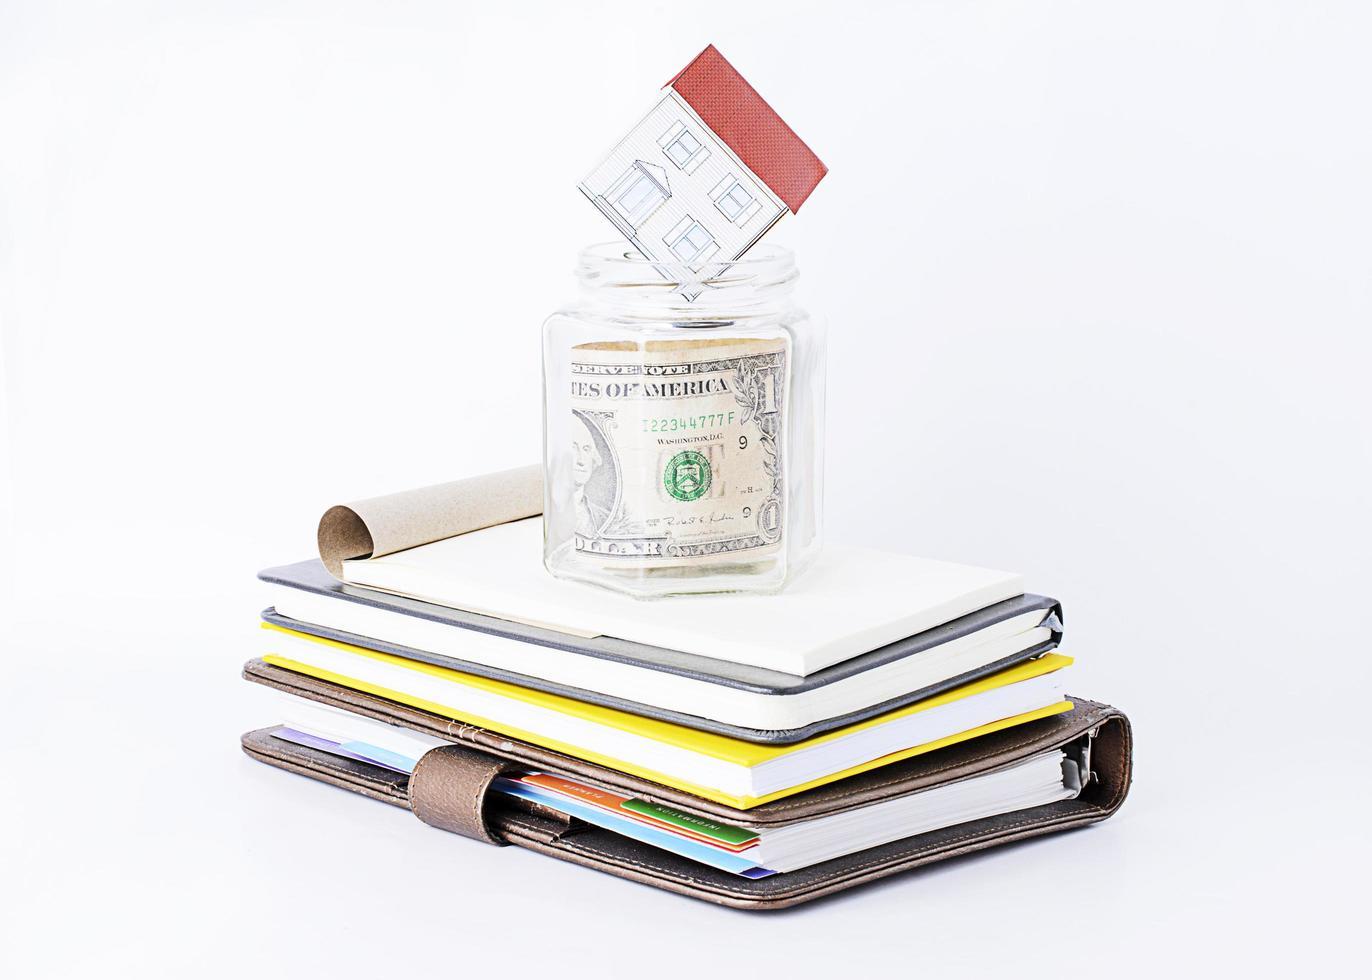 papier naar huis in glas besparen op stapel boeken foto